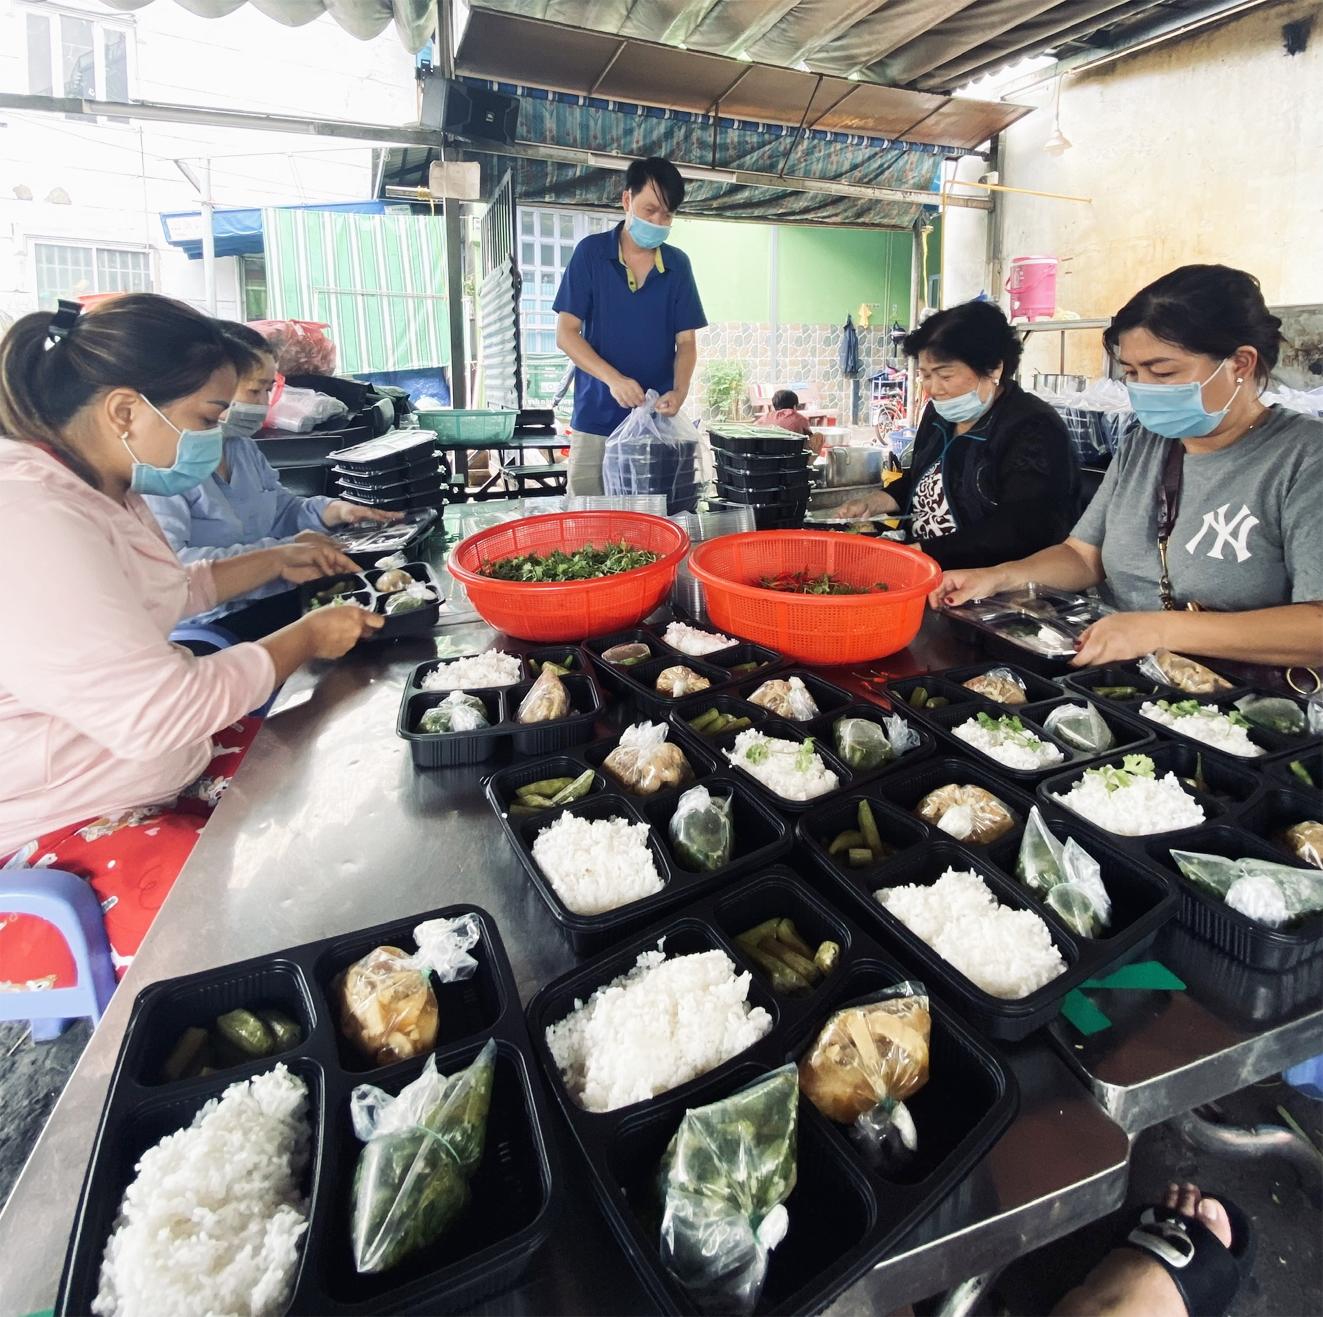 Mỗi ngày, nhóm của anh Nguyễn Huy Hoàng chuẩn bị khoảng 300 phần ăn để phát cho người khó khăn